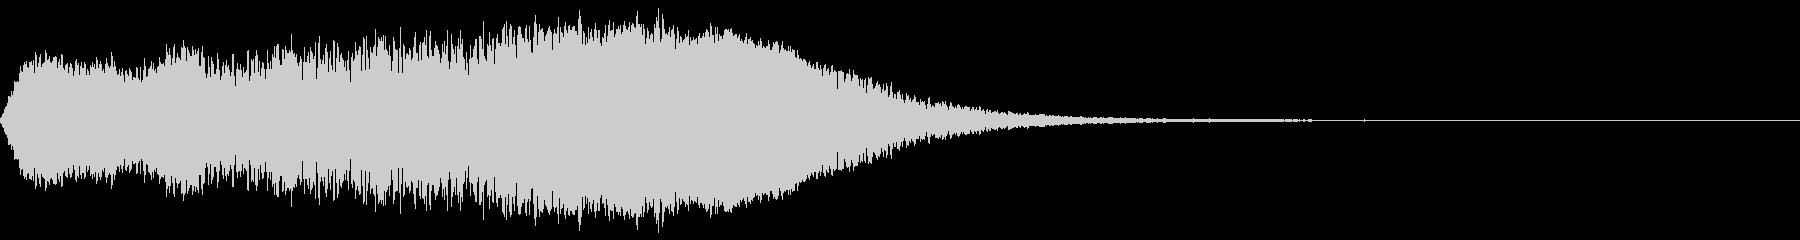 【タイトル】ファズがかかったドローン音の未再生の波形